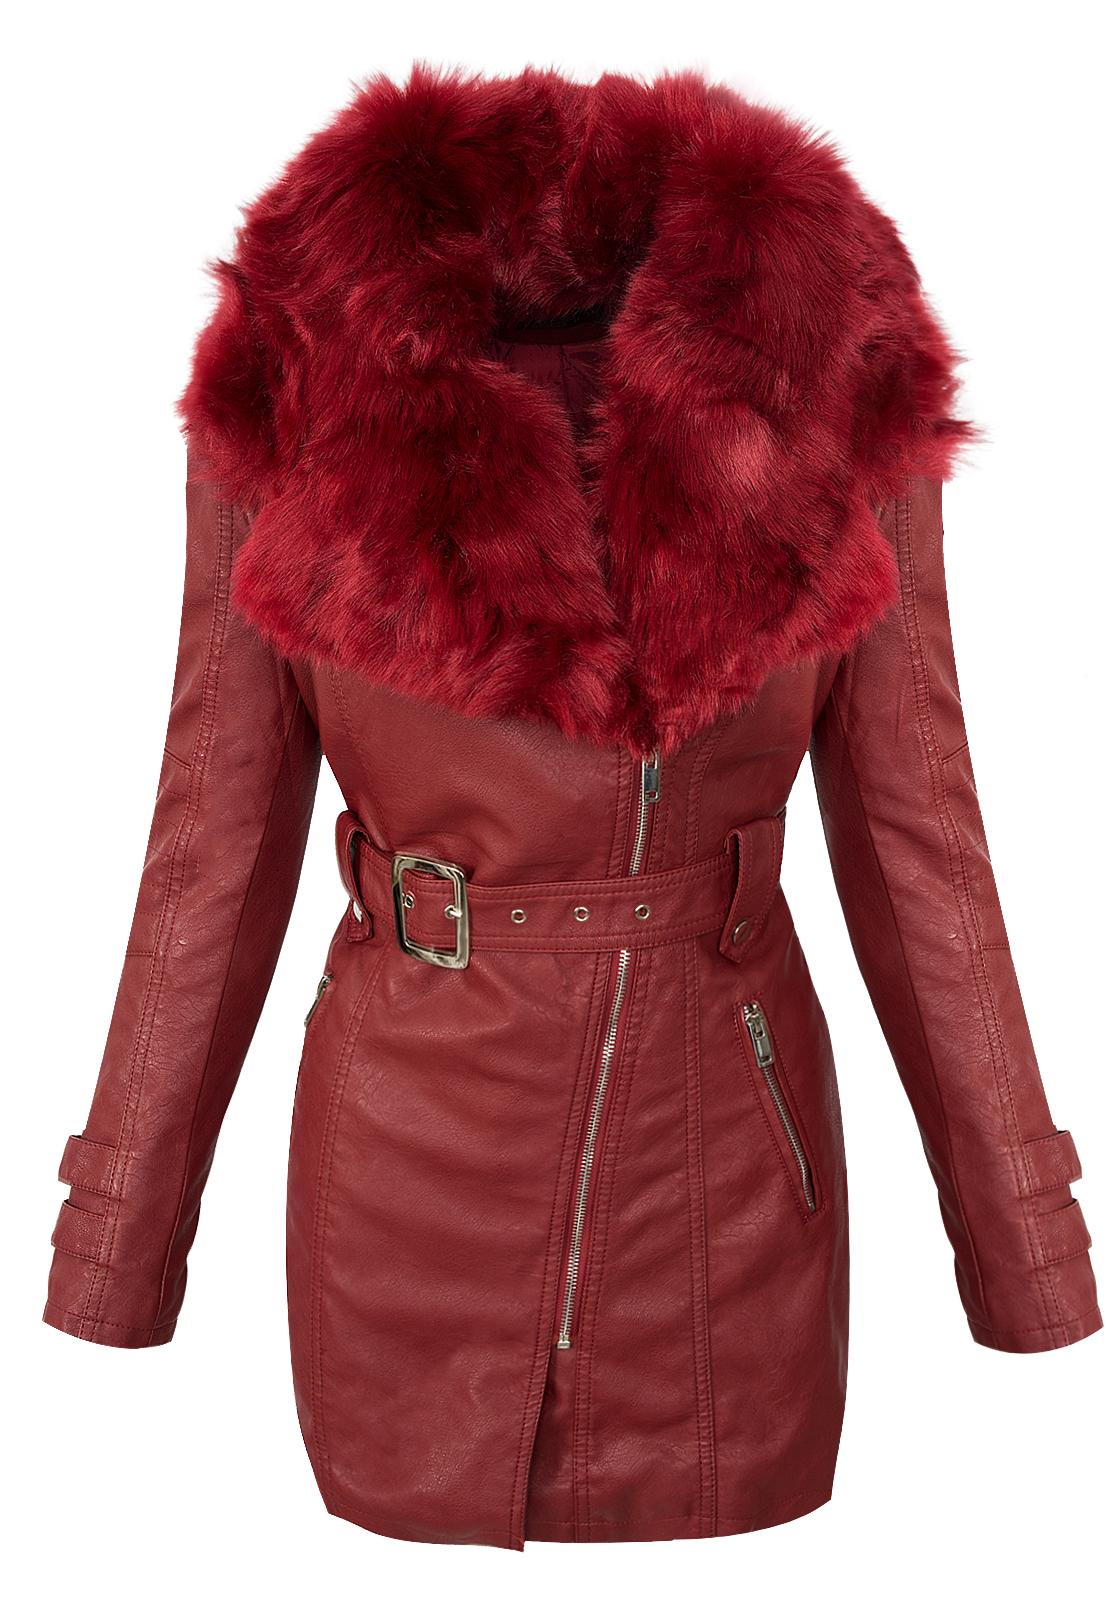 MORE /& MORE Damen Jacke Damenjacke Mantel Lederjacke NEU